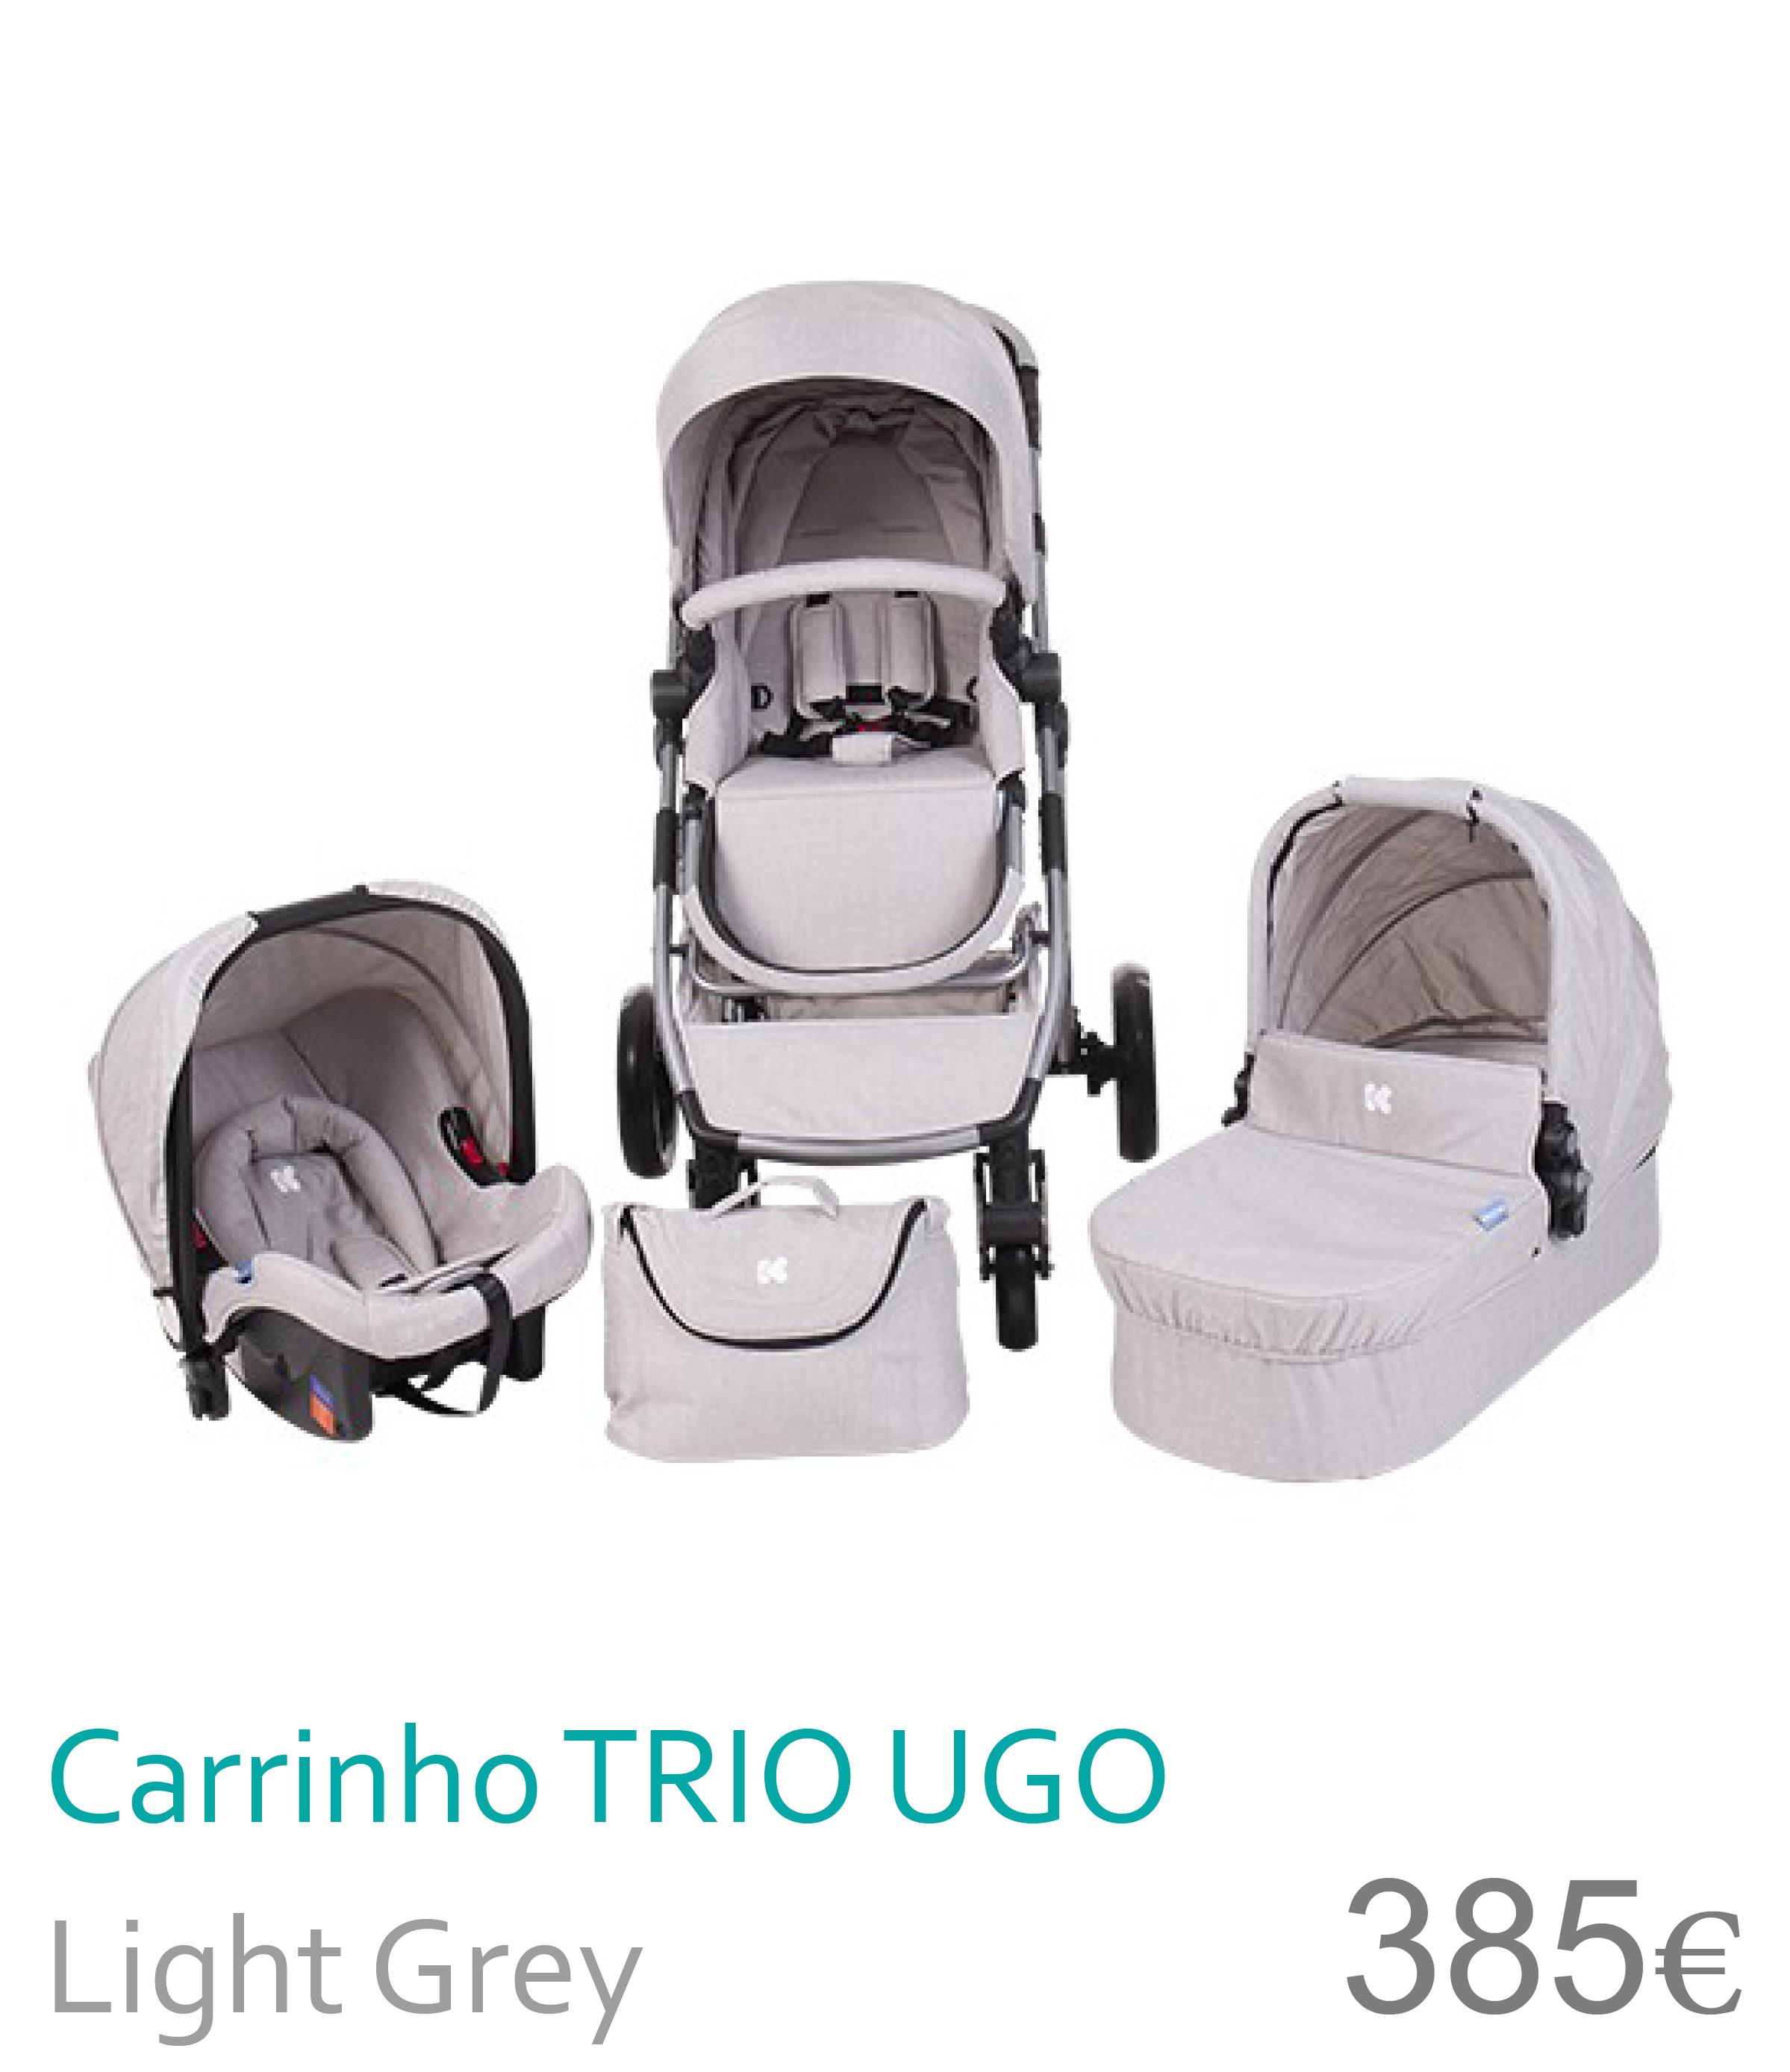 Carrinho trio UGO Light Grey